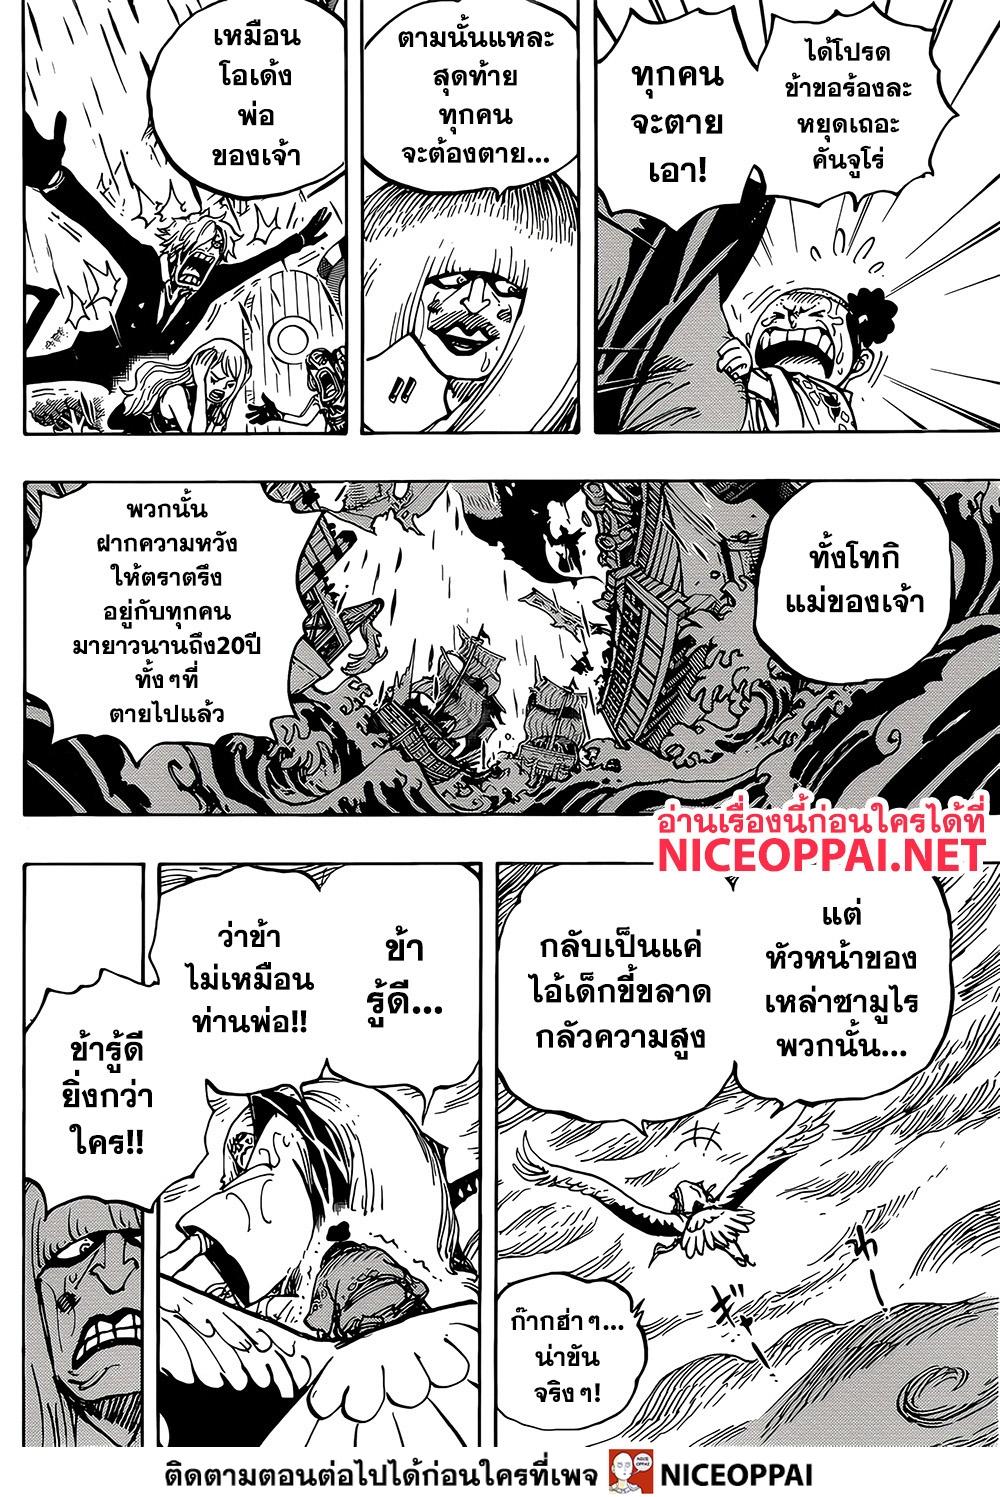 อ่านการ์ตูน One Piece ตอนที่ 976 หน้าที่ 10